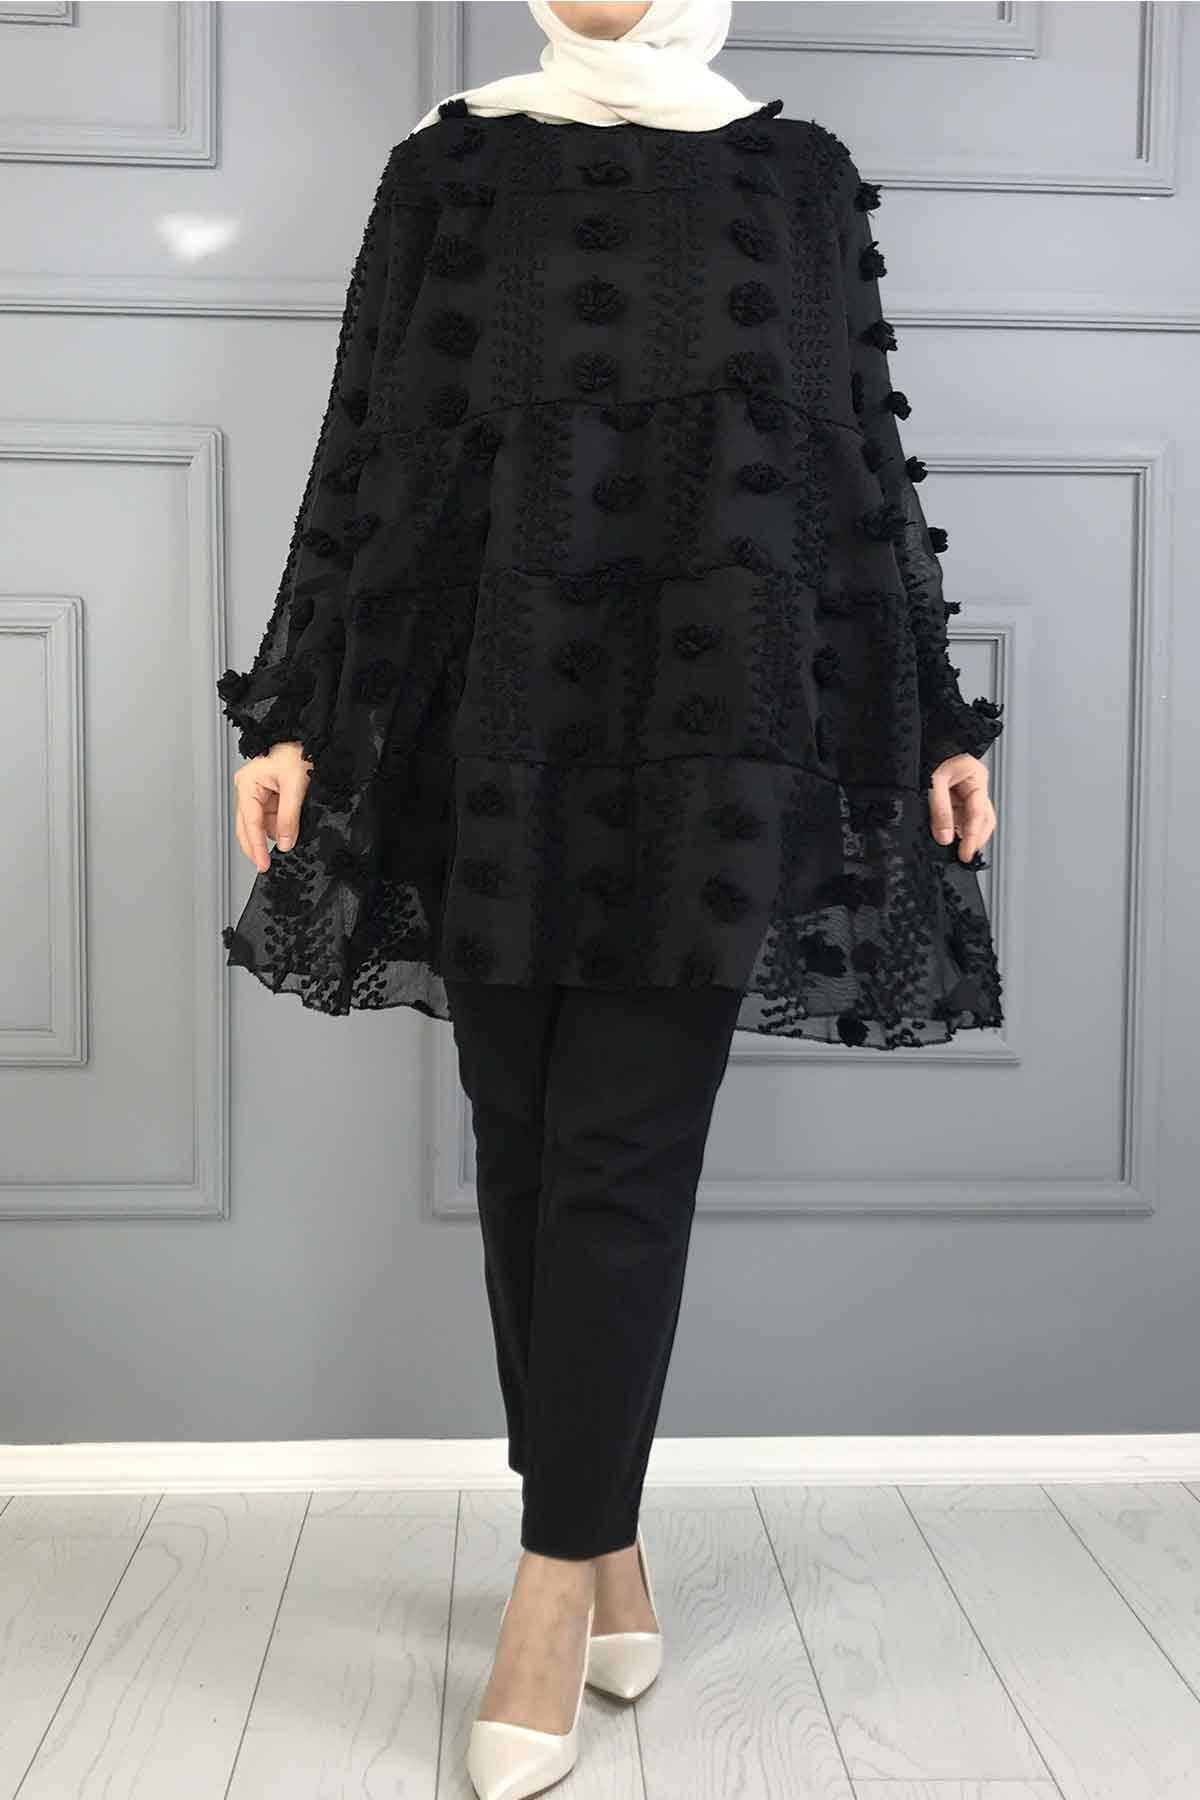 Ermi Tekstil Tesettür Ponponlu Tül Tunik Modelleri